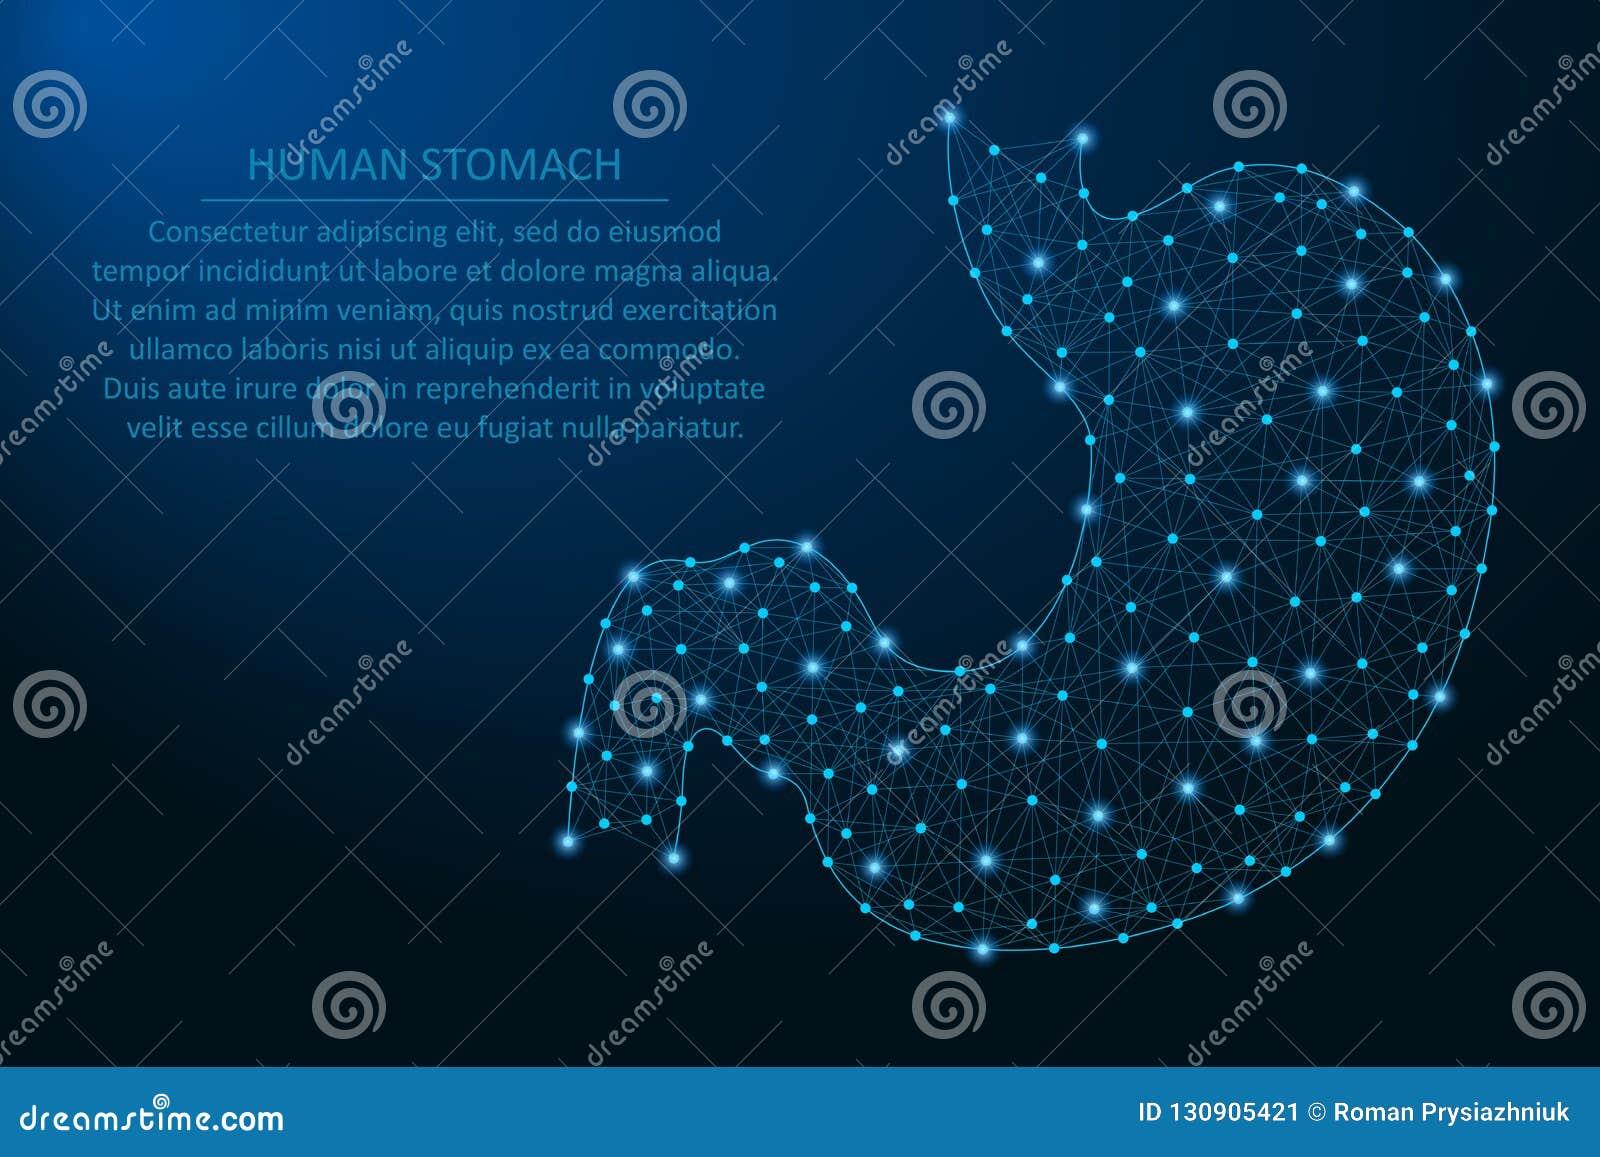 Ανθρώπινο στομάχι, υγιές ανθρώπινο εσωτερικό όργανο πέψης που γίνεται από τα σημεία και τις γραμμές, polygonal πλέγμα wireframe,